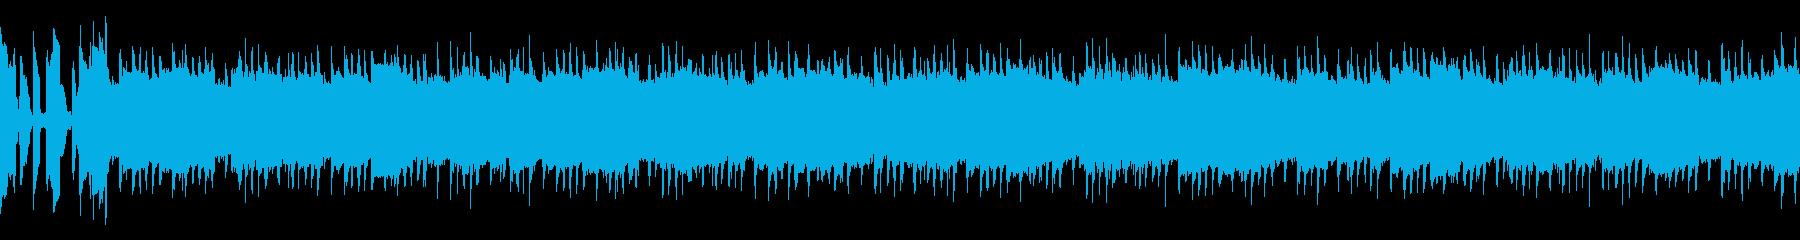 バトルモード突入のテンション上げの曲の再生済みの波形